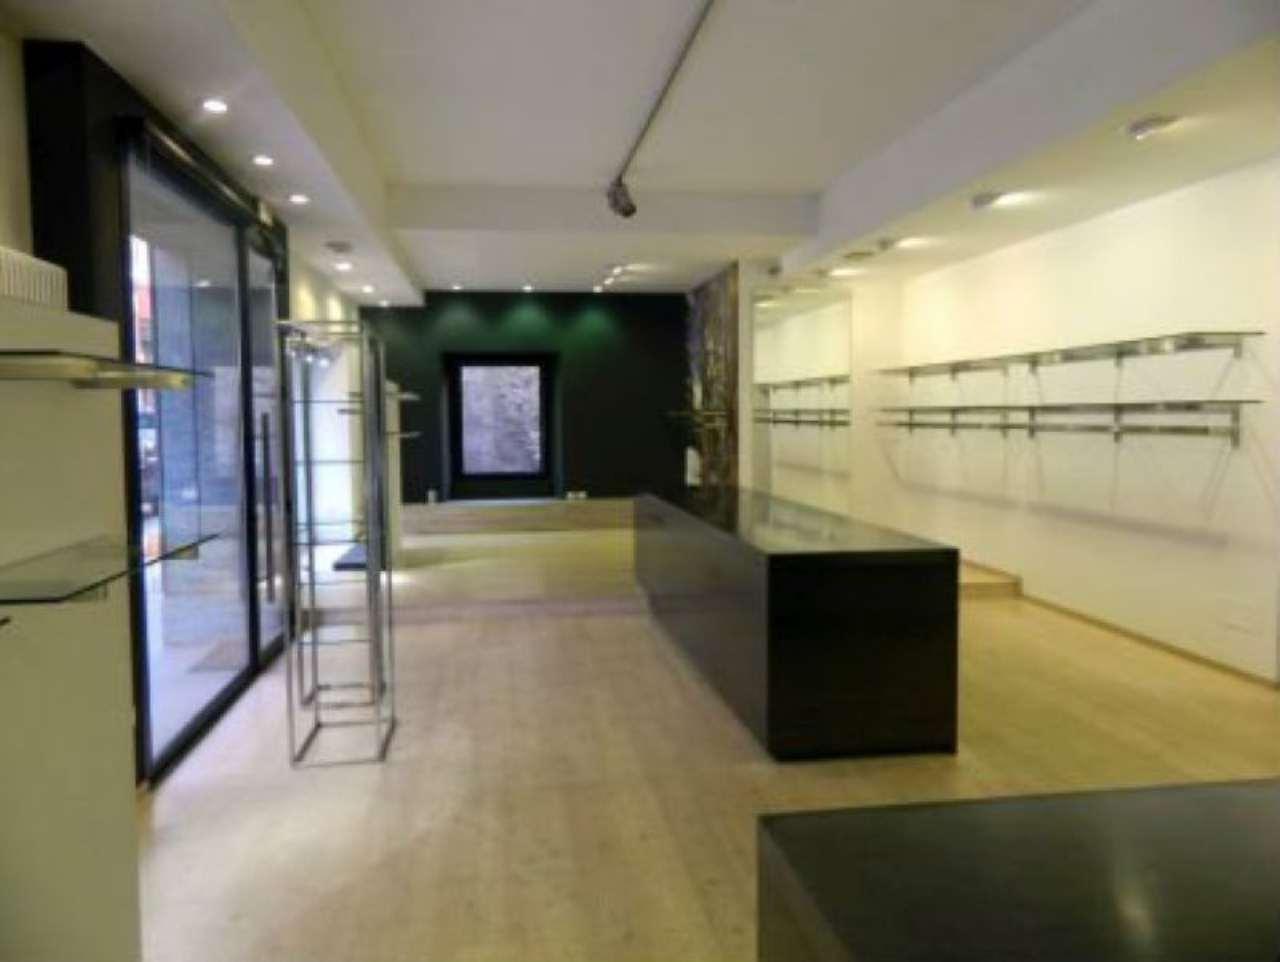 Negozio / Locale in vendita a Sondrio, 2 locali, Trattative riservate | Cambio Casa.it